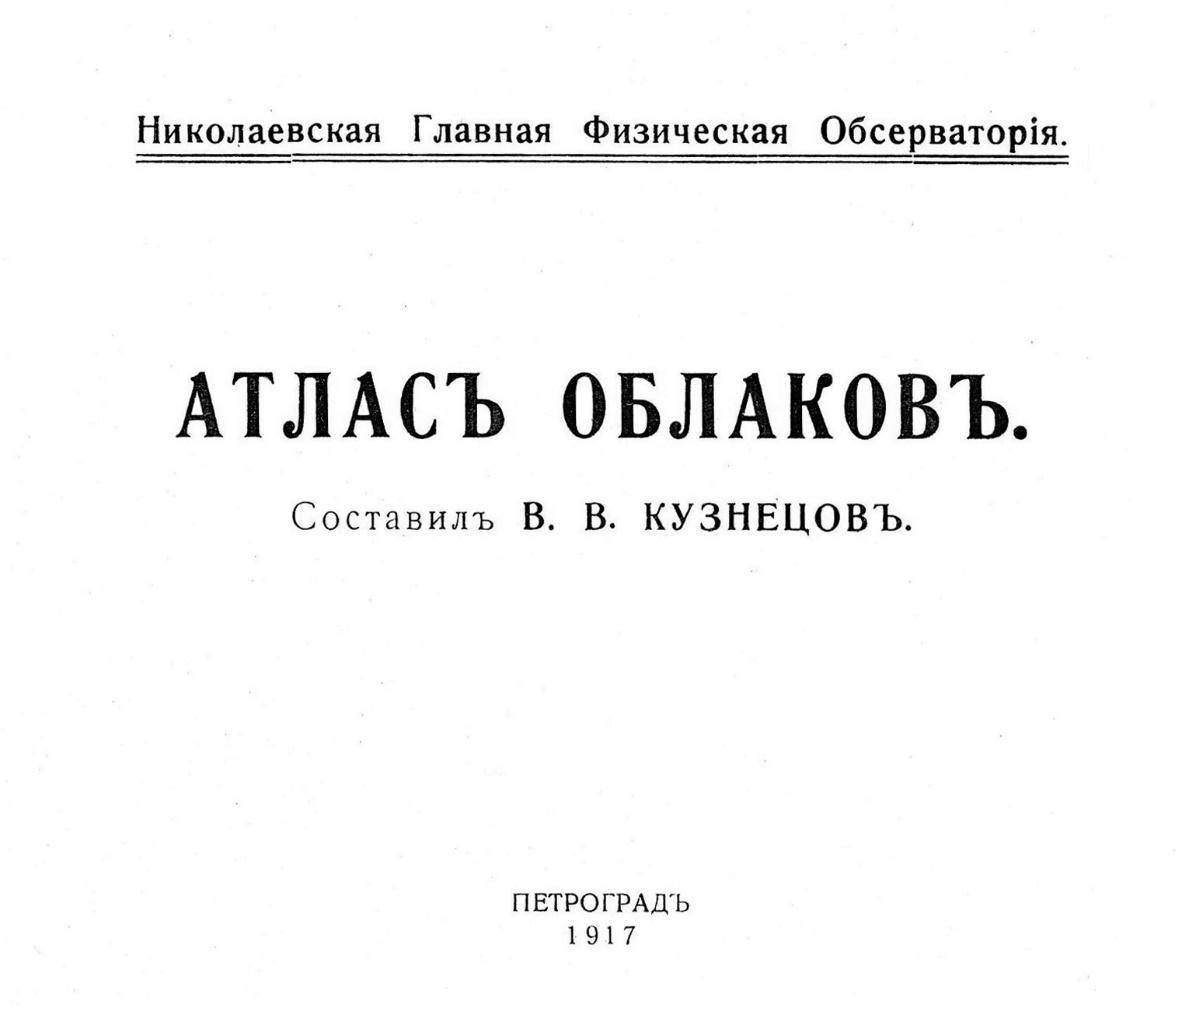 Рис. 3. Обложка первого отечественного «Атласа облаков», 1917 г.